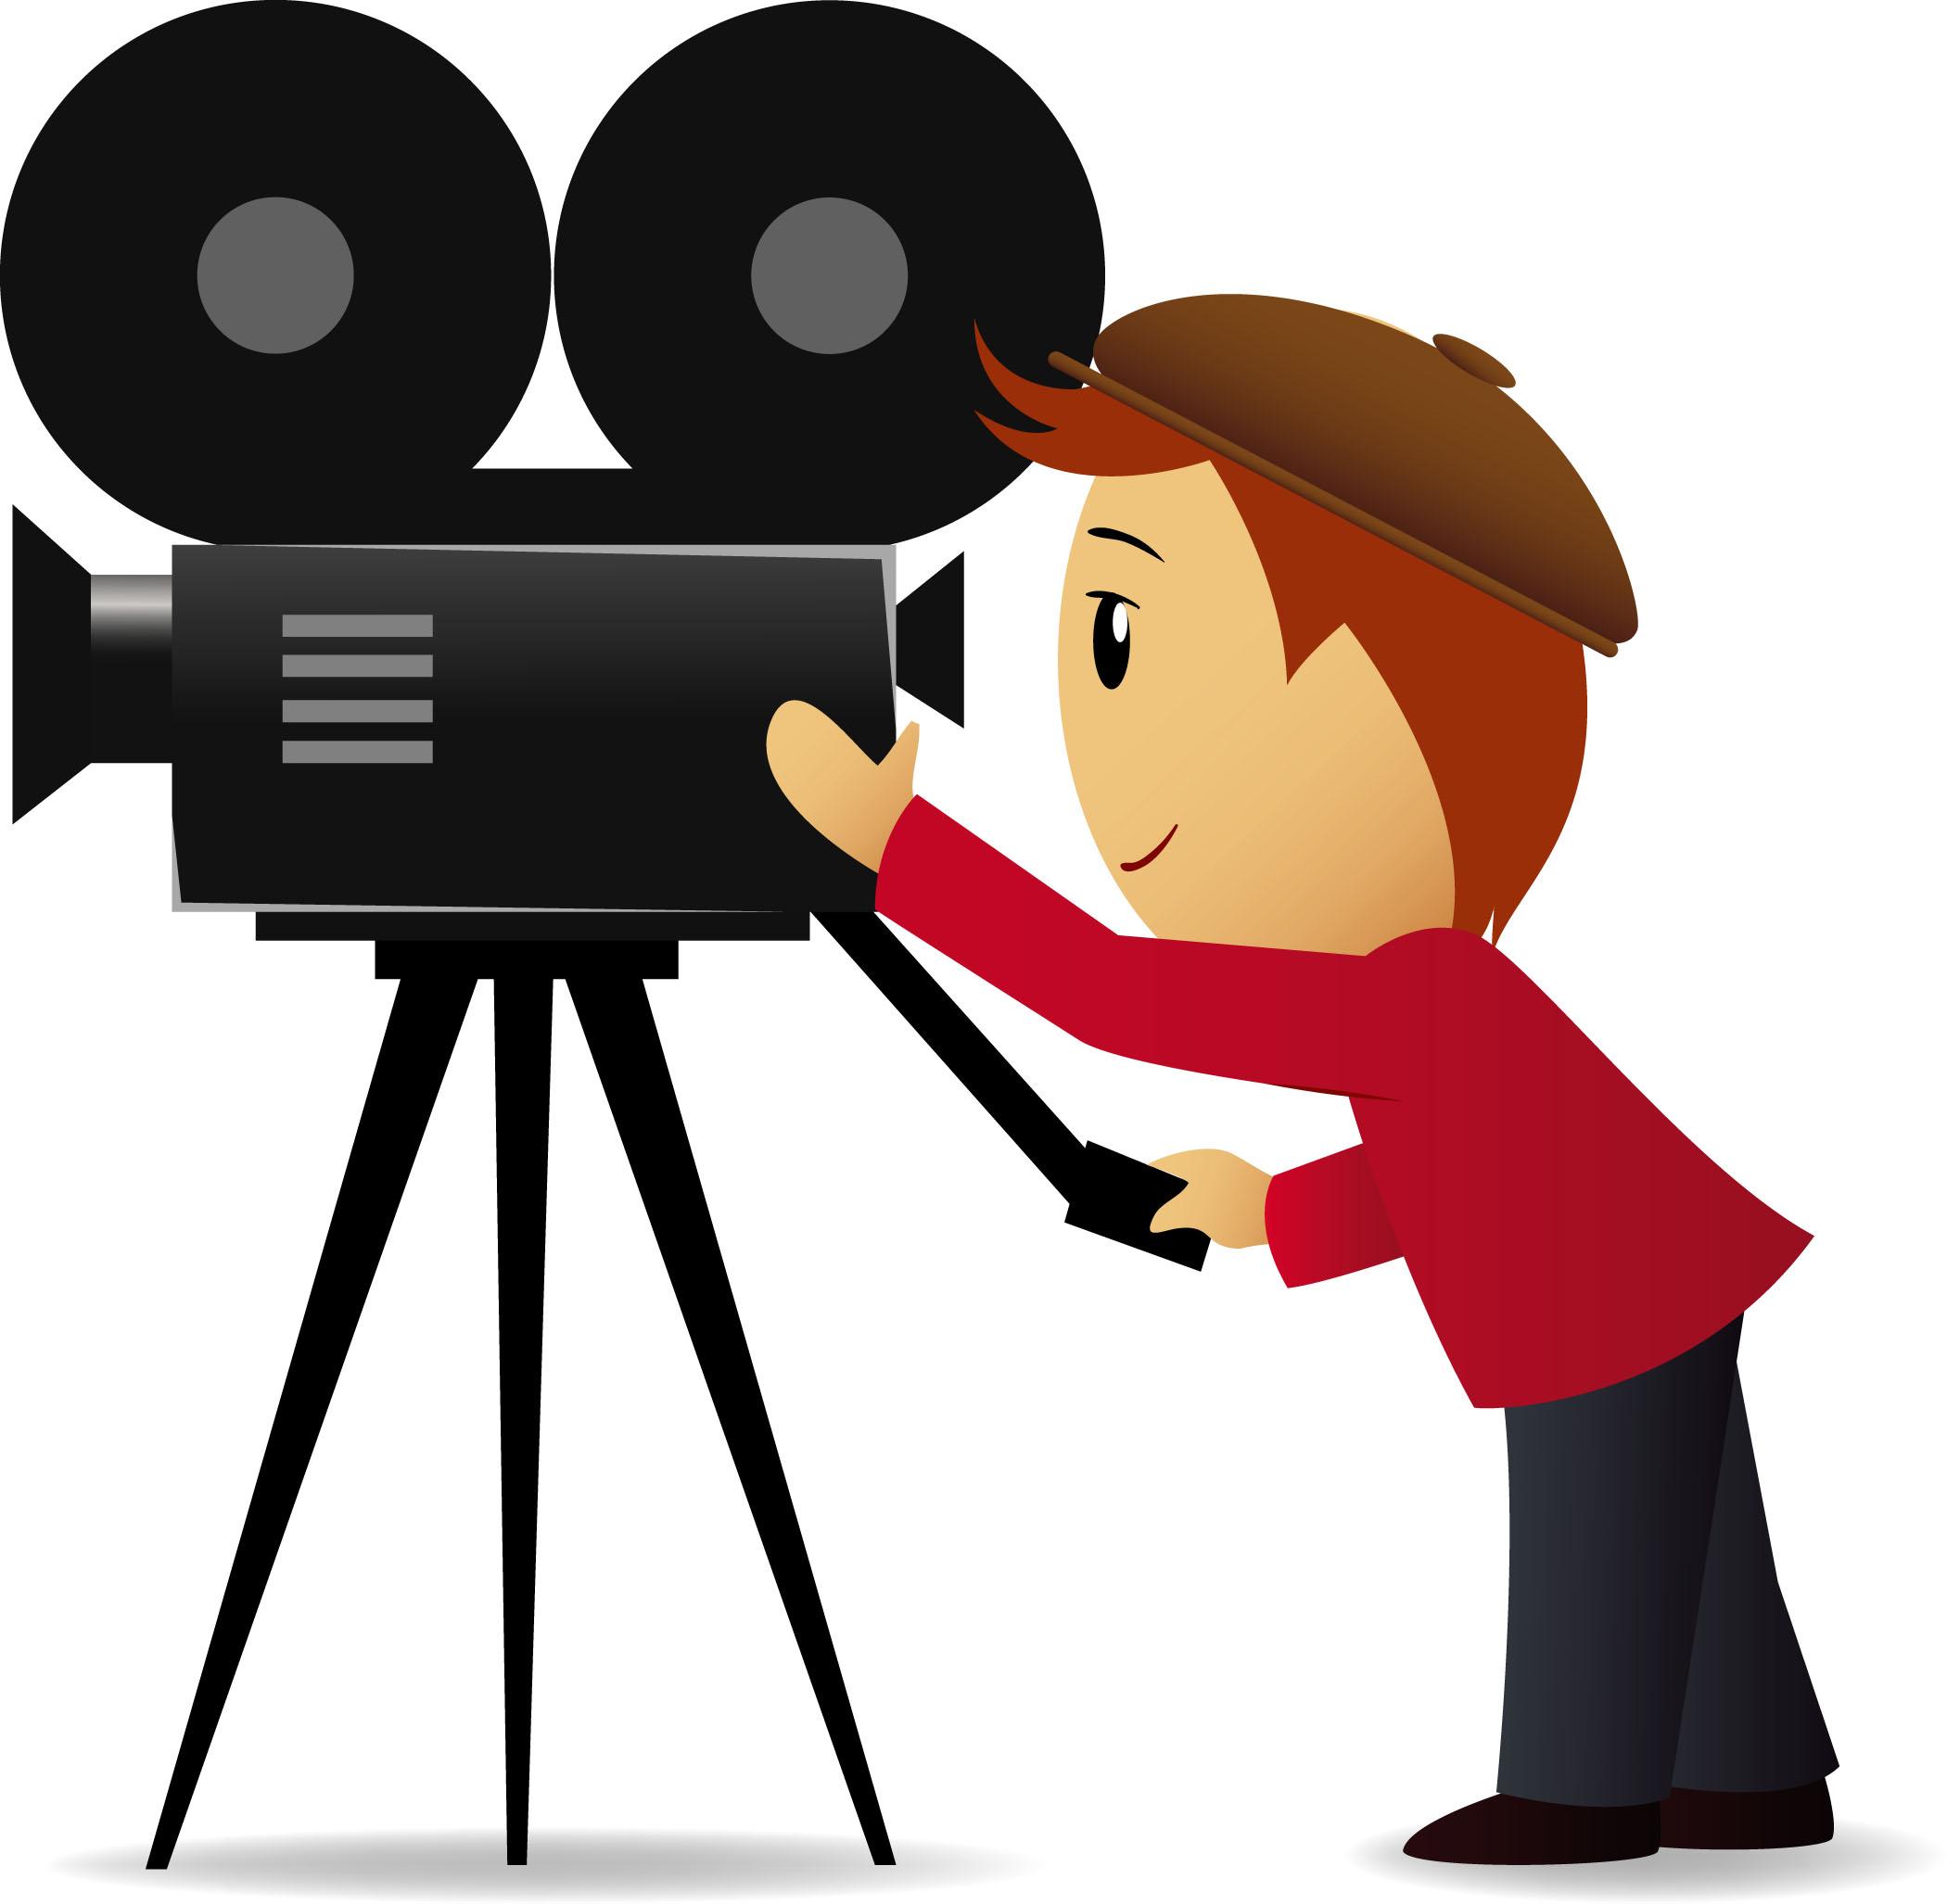 ofischer communication hat mit seinem internationalen Foto- und Videonetzwerk jetzt eine bezahlbare Lösung für attraktive Industriefotos und Industrievideos parat.